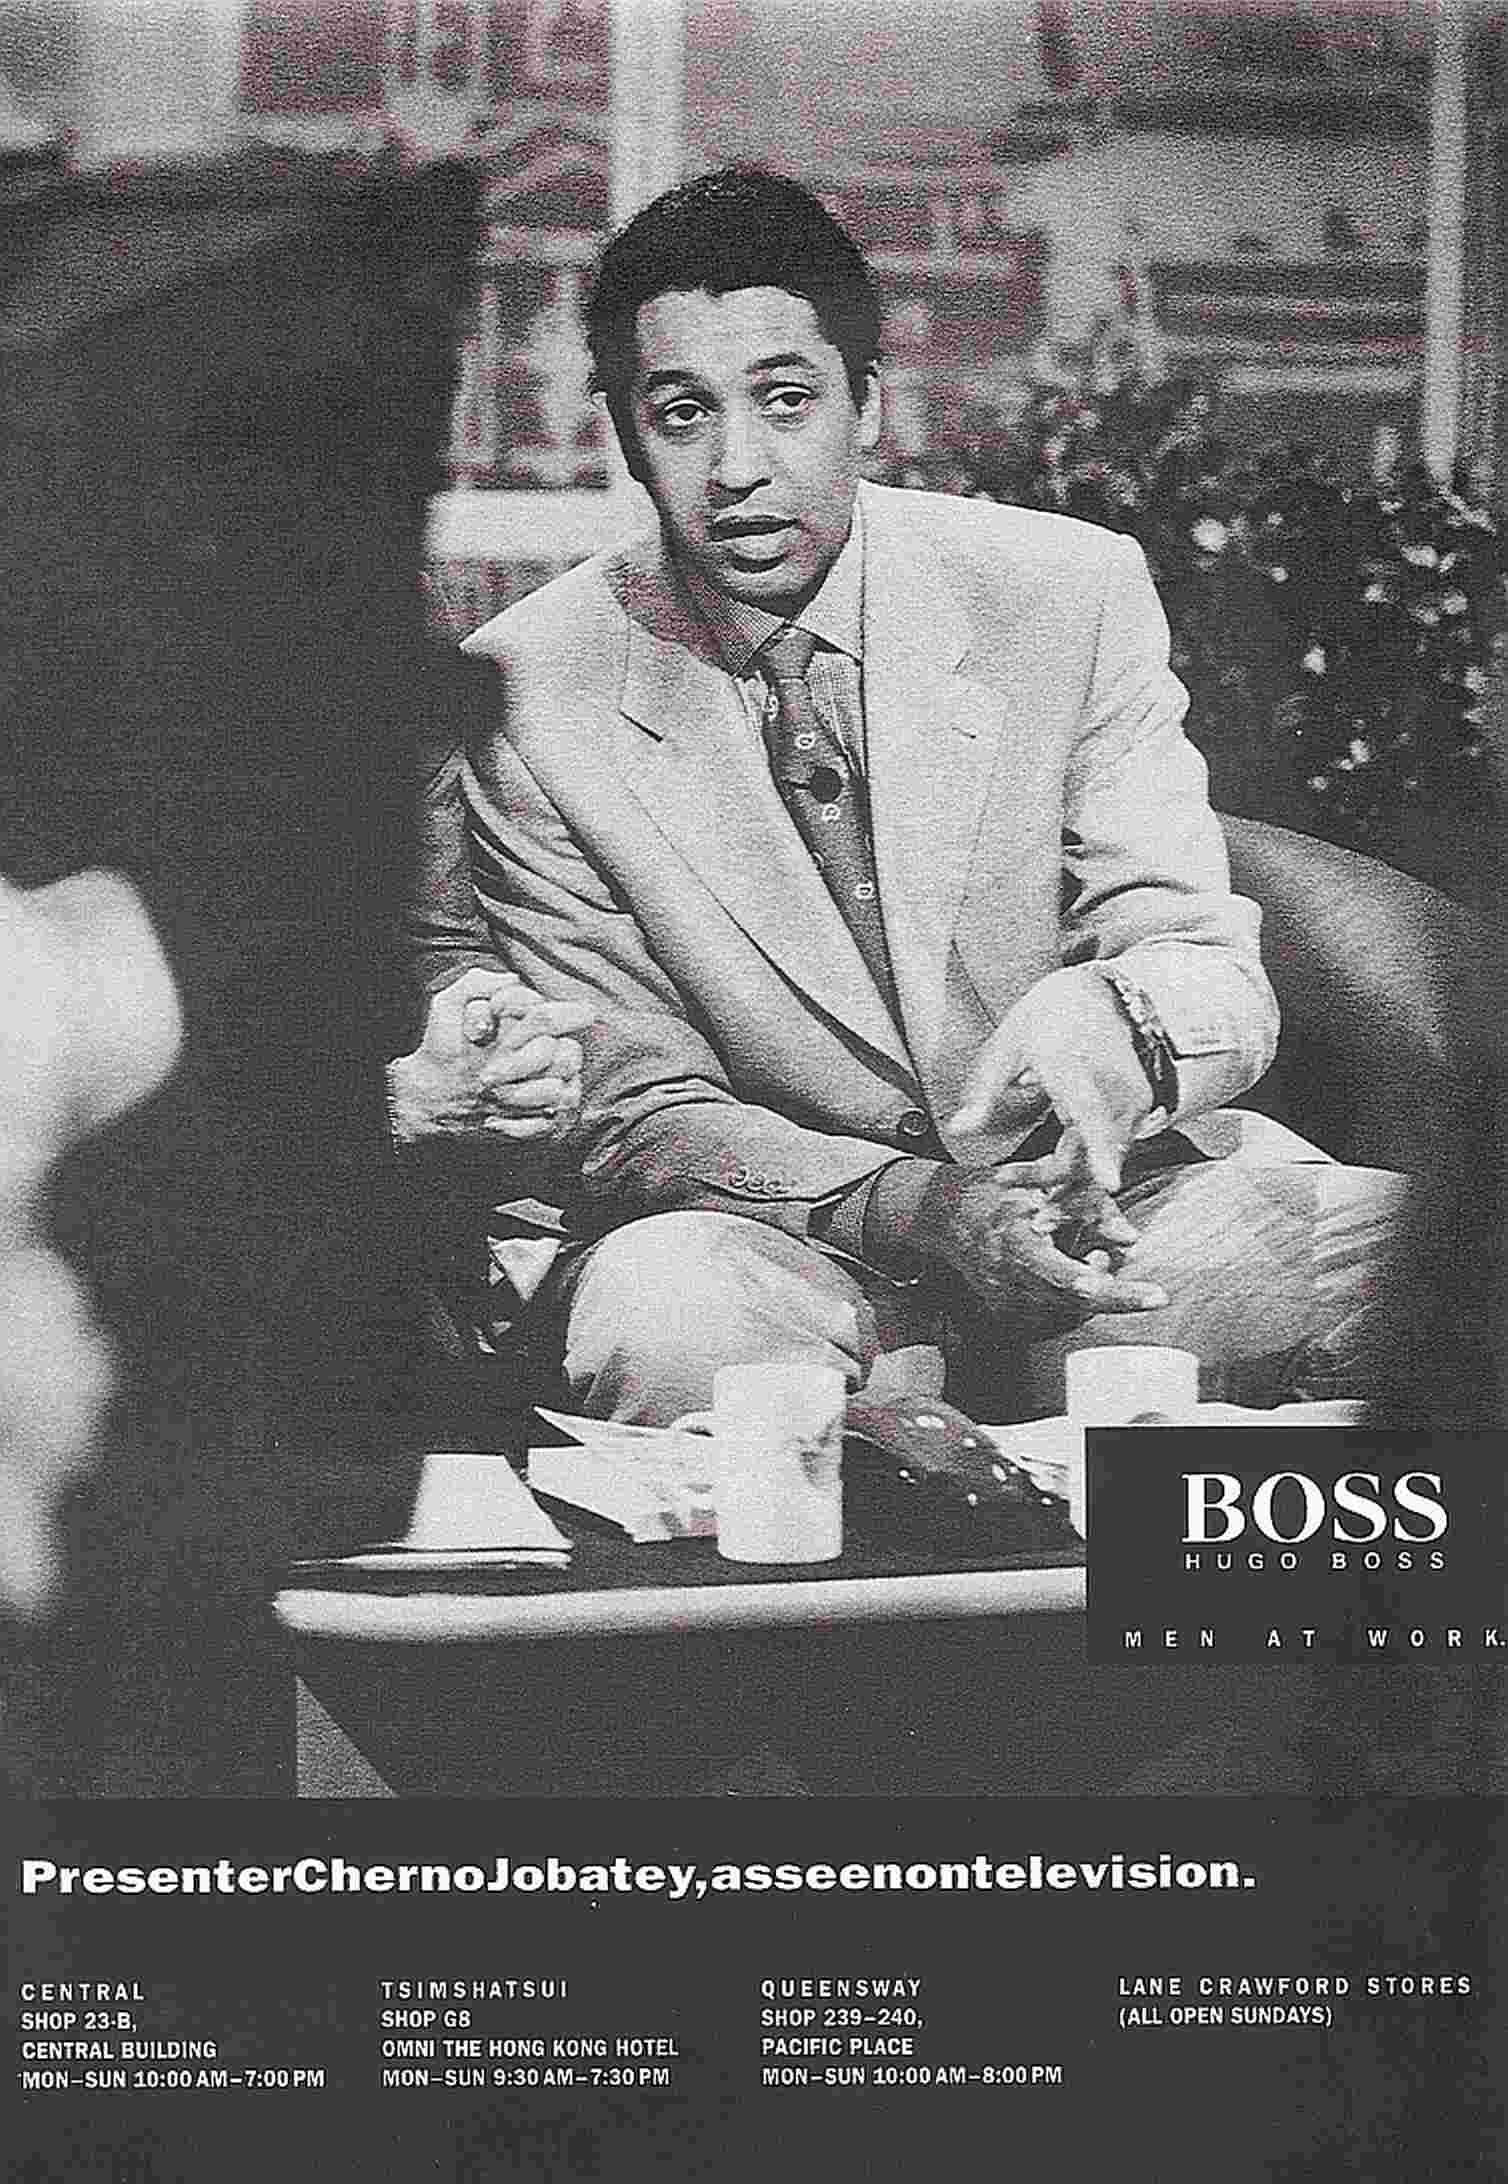 Hugo Boss Kampagne 'Men at Work' with Cherno Jobatey